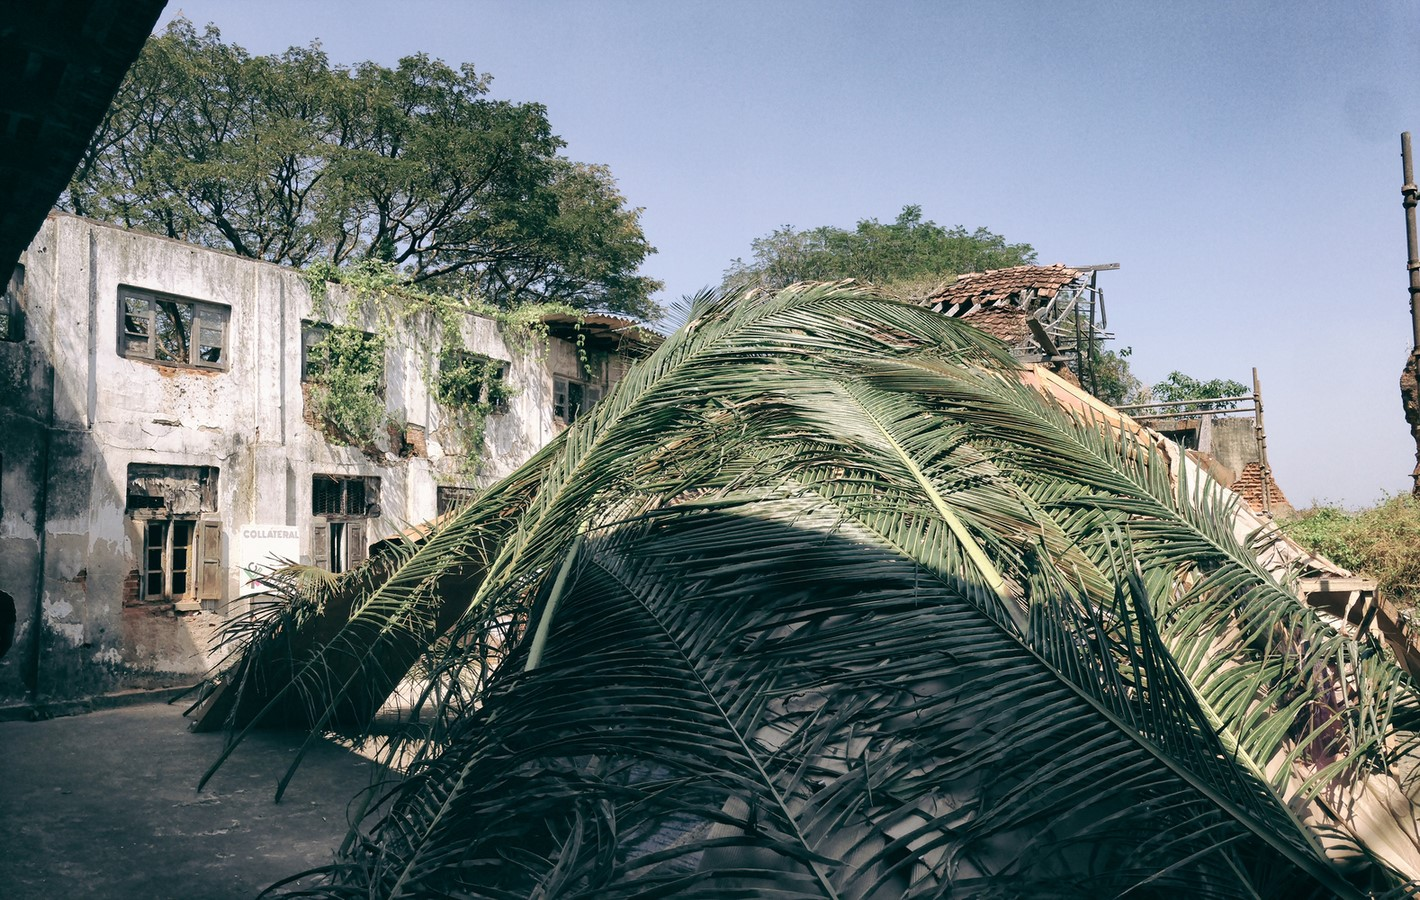 The Shell Mycelium Pavilion, India - Sheet3